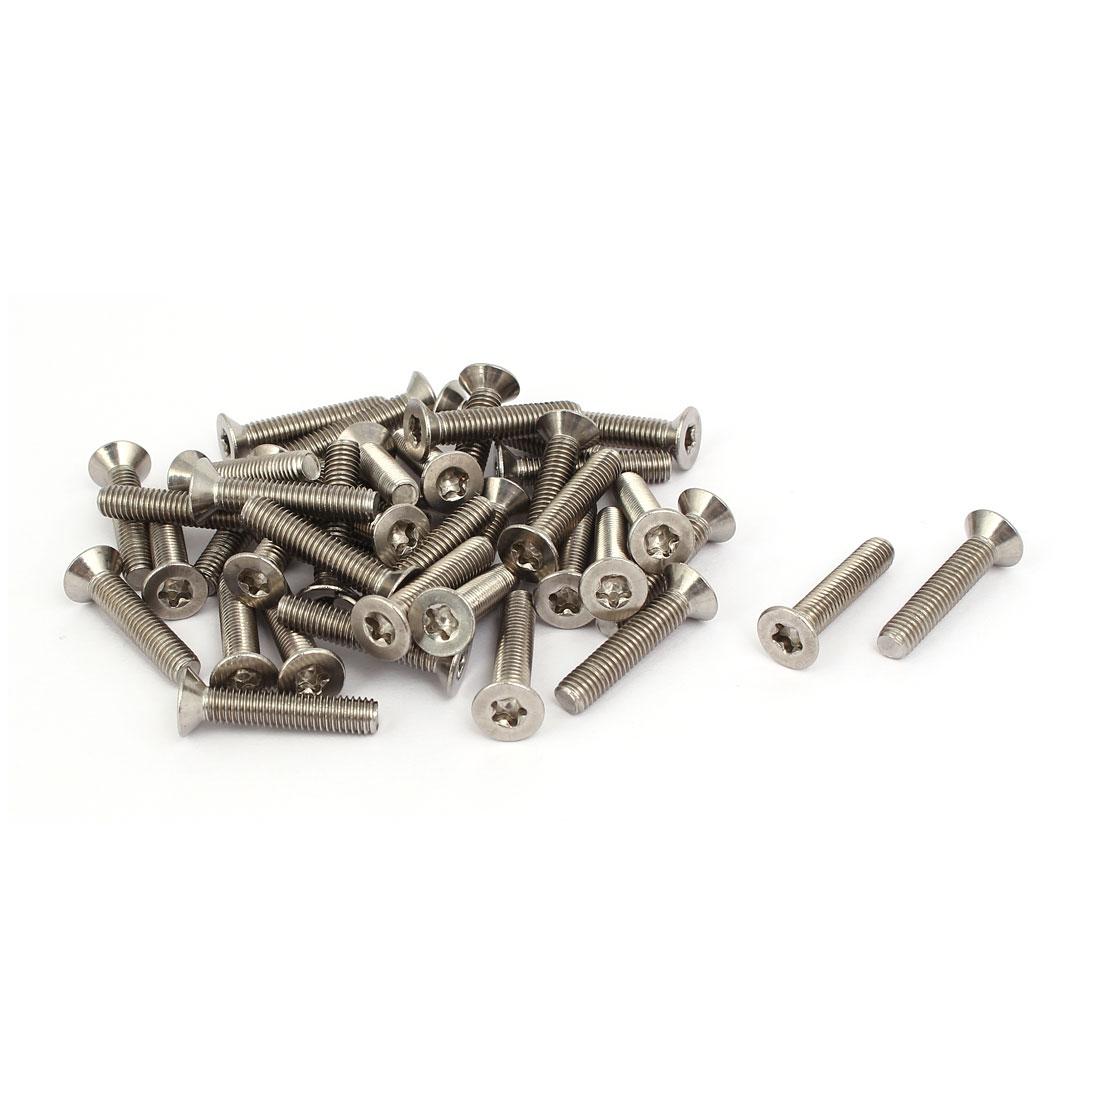 M5x25mm 304 Stainless Steel Countersunk Flat Head Torx Five-Lobe Screw 40pcs